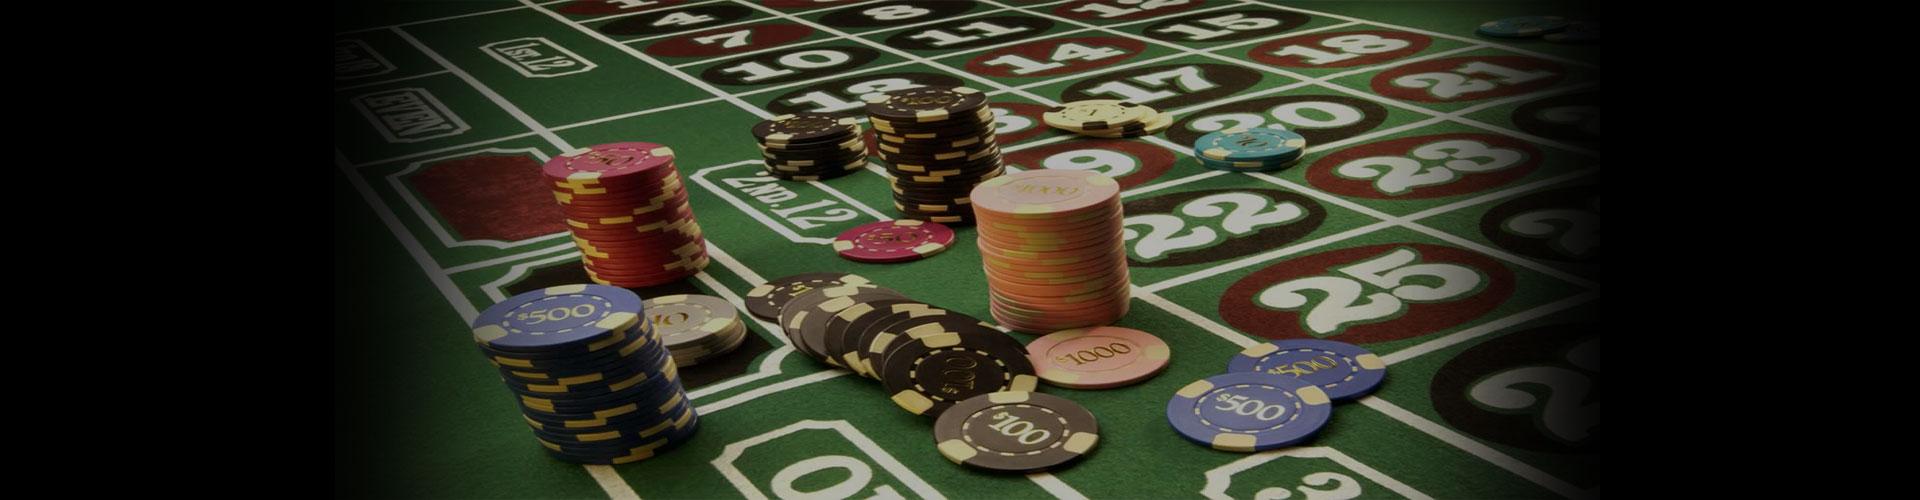 sunnyplayer casino bonus ohne einzahlung